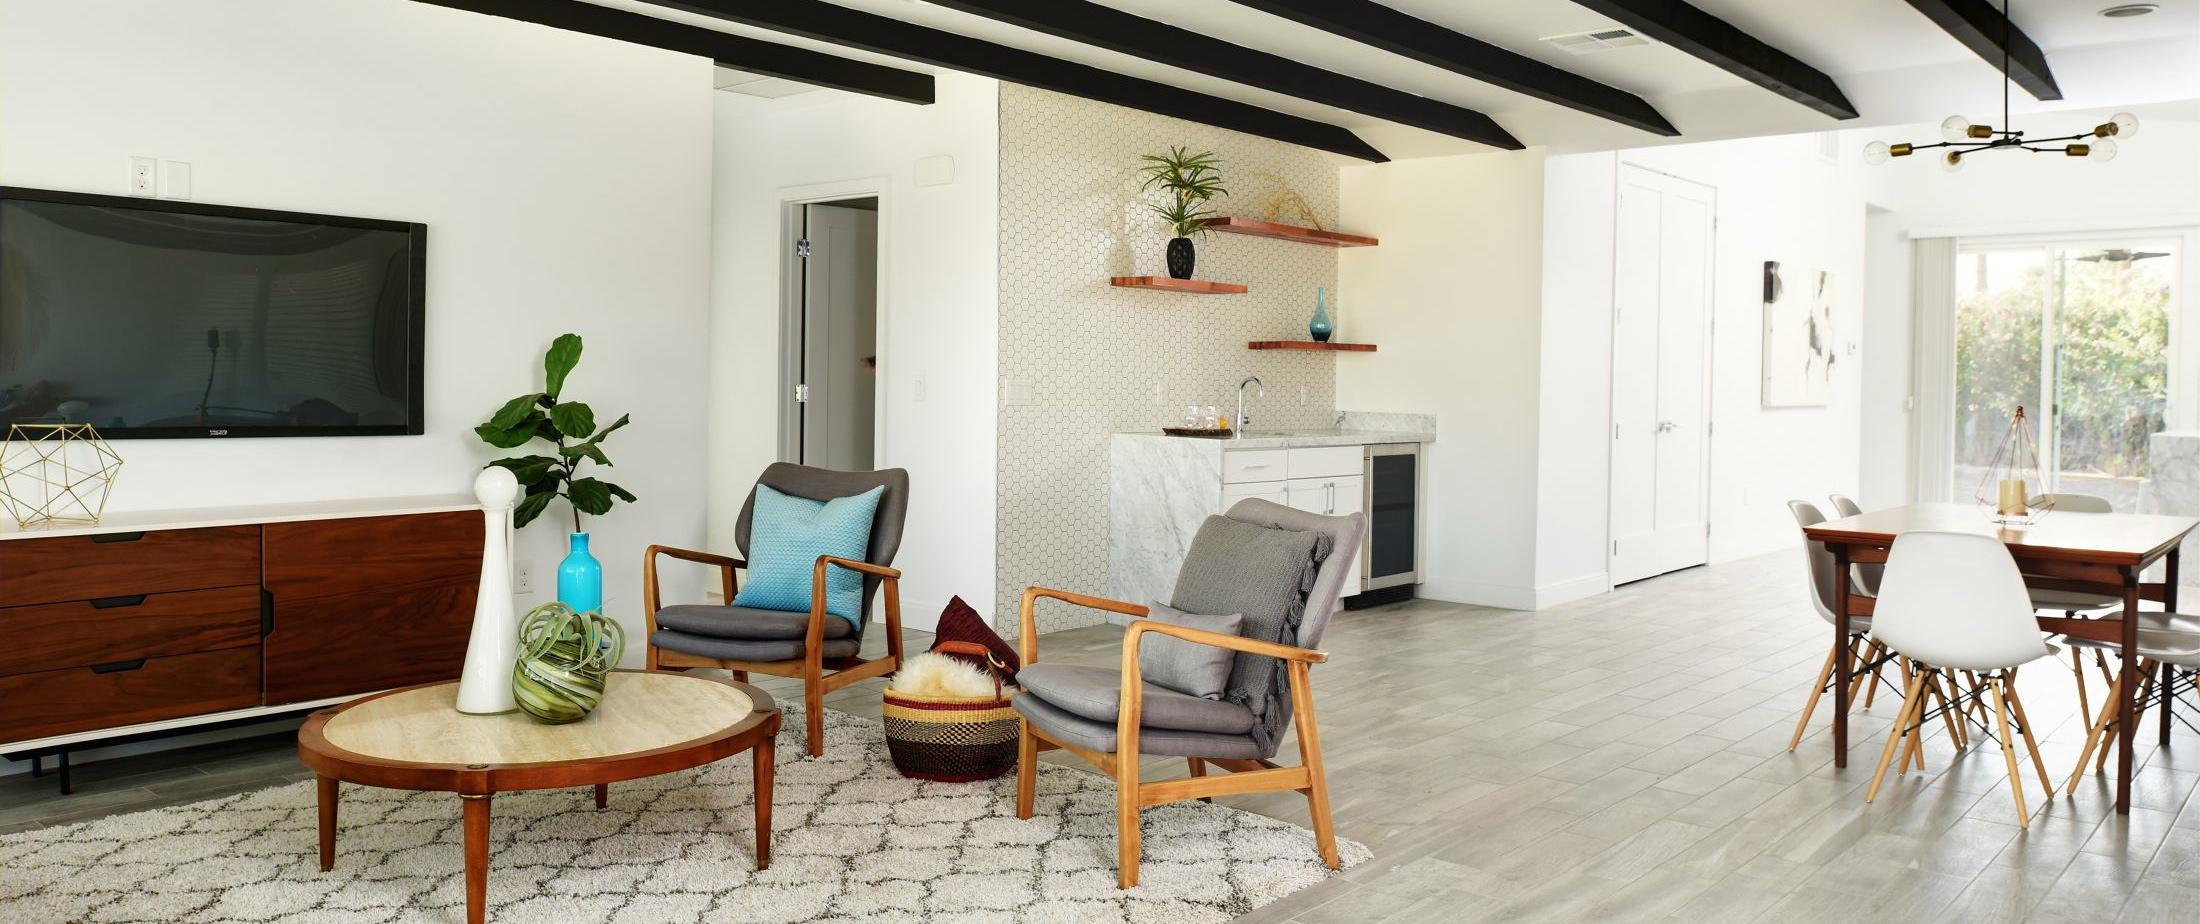 316 W Montecito Ave, Phoenix, AZ 85013   Central Phoenix Home For Sale